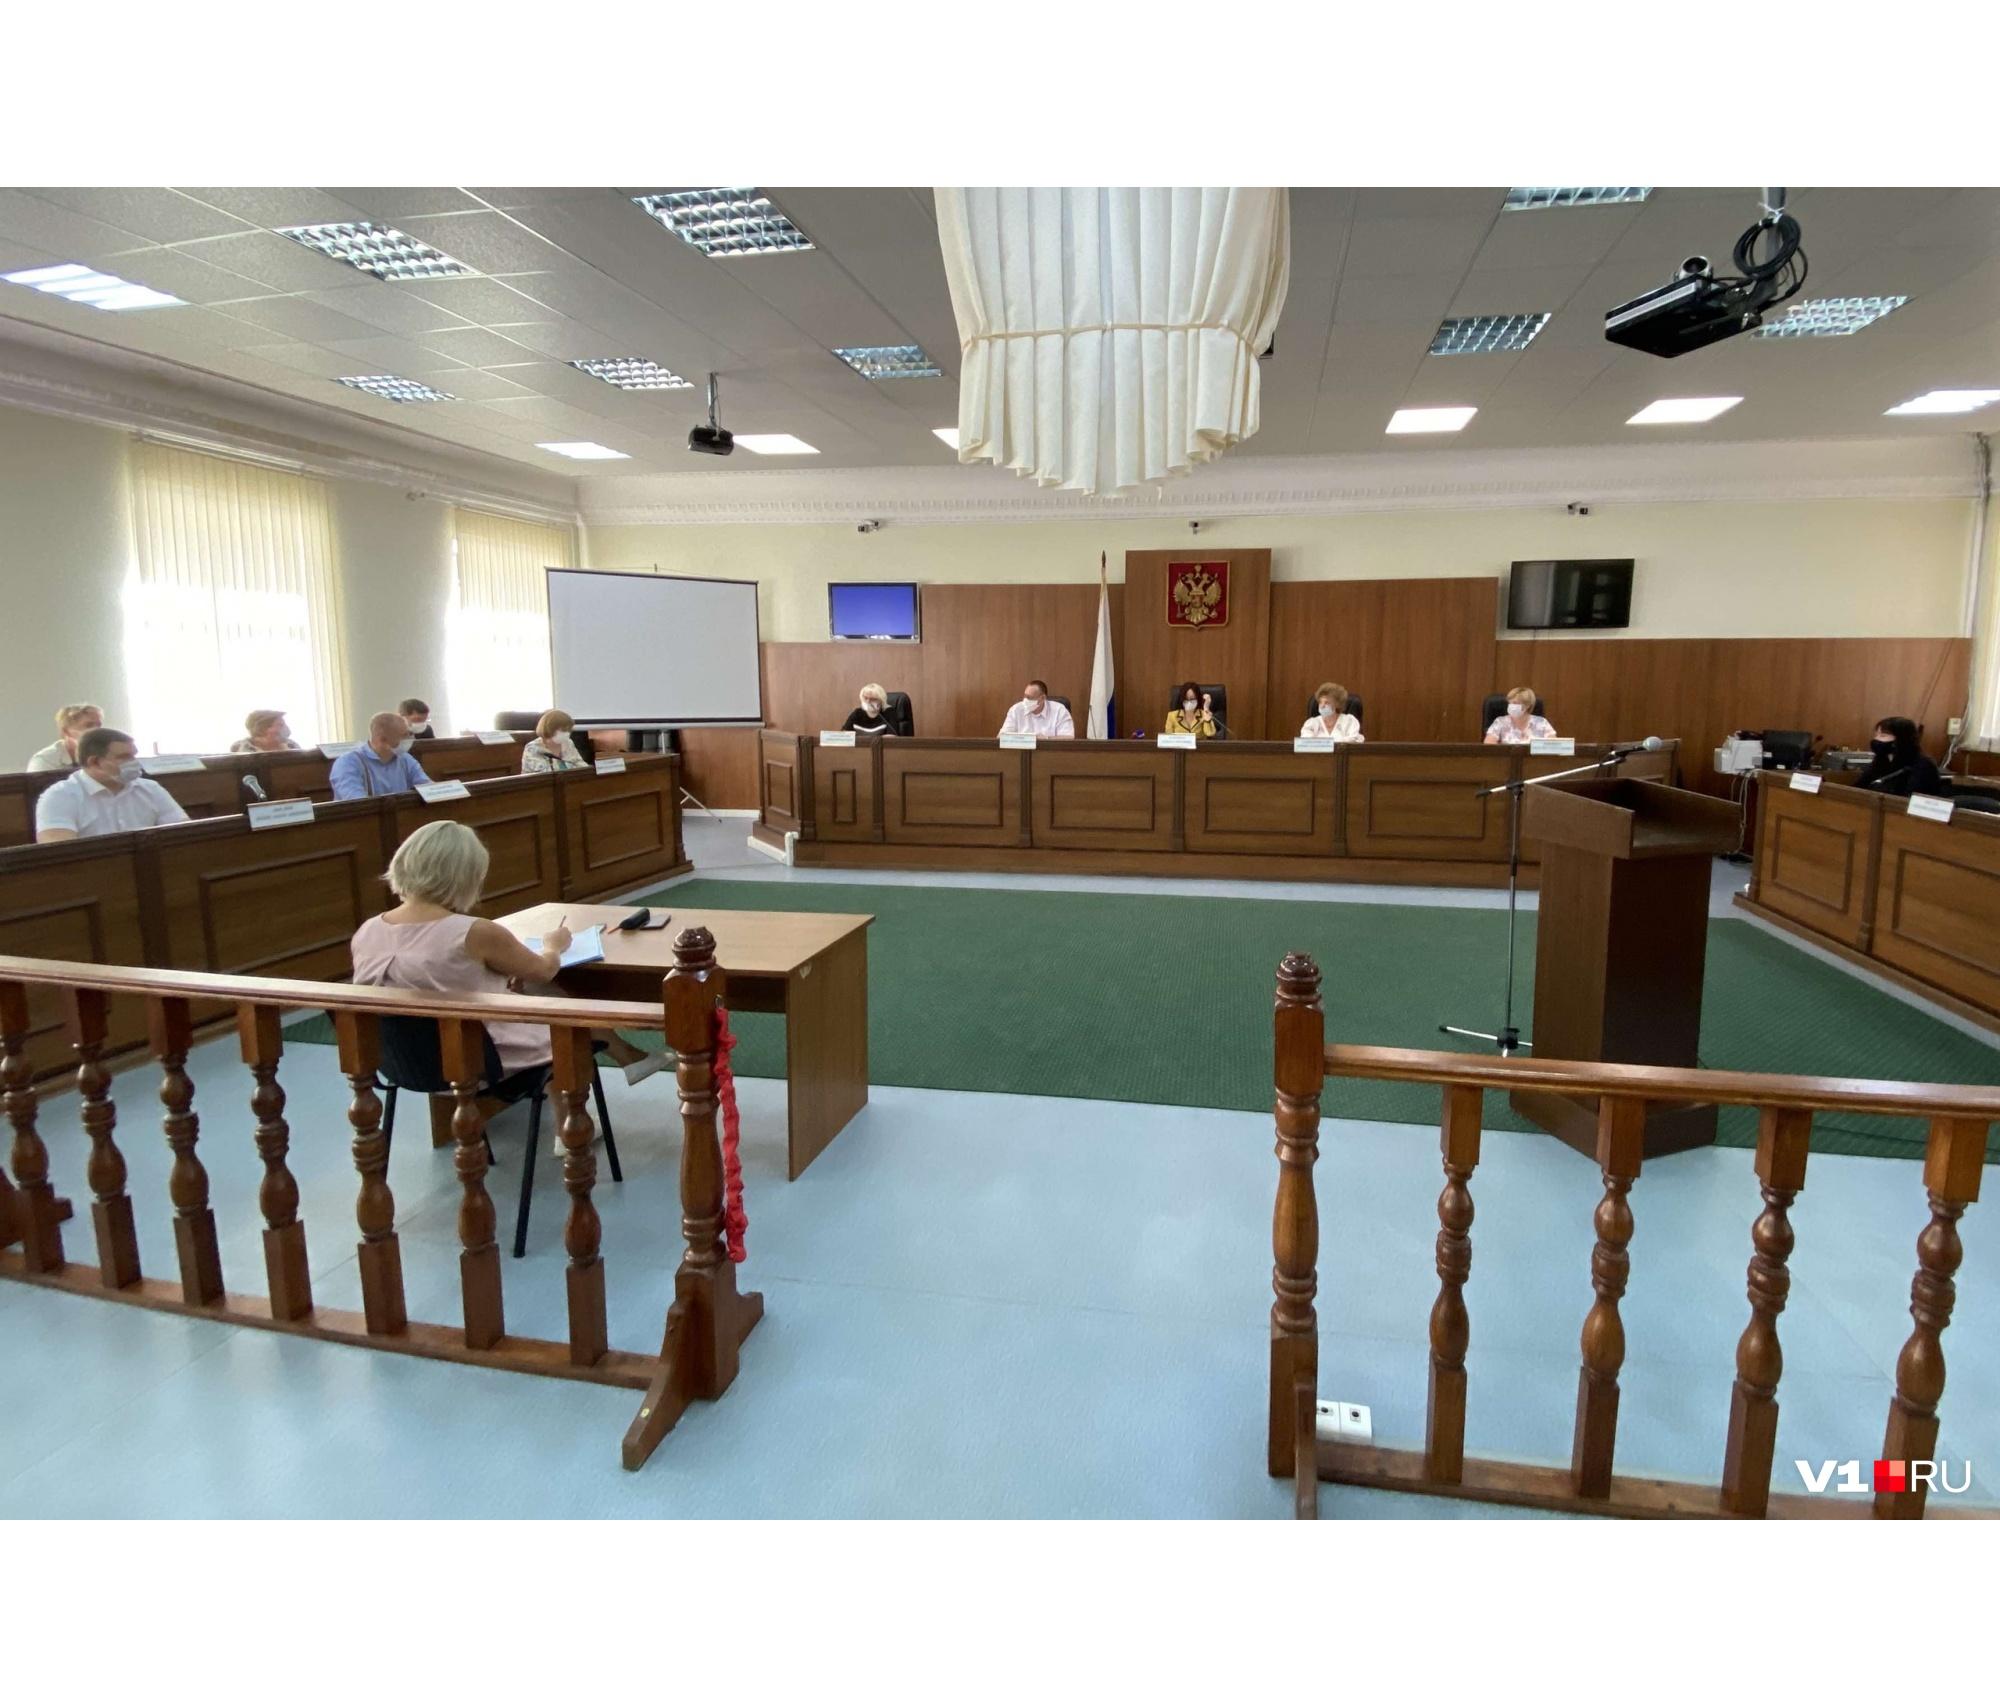 Волгоградские судьи объявили проверку публикаций СМИ о Юлии Добрыниной